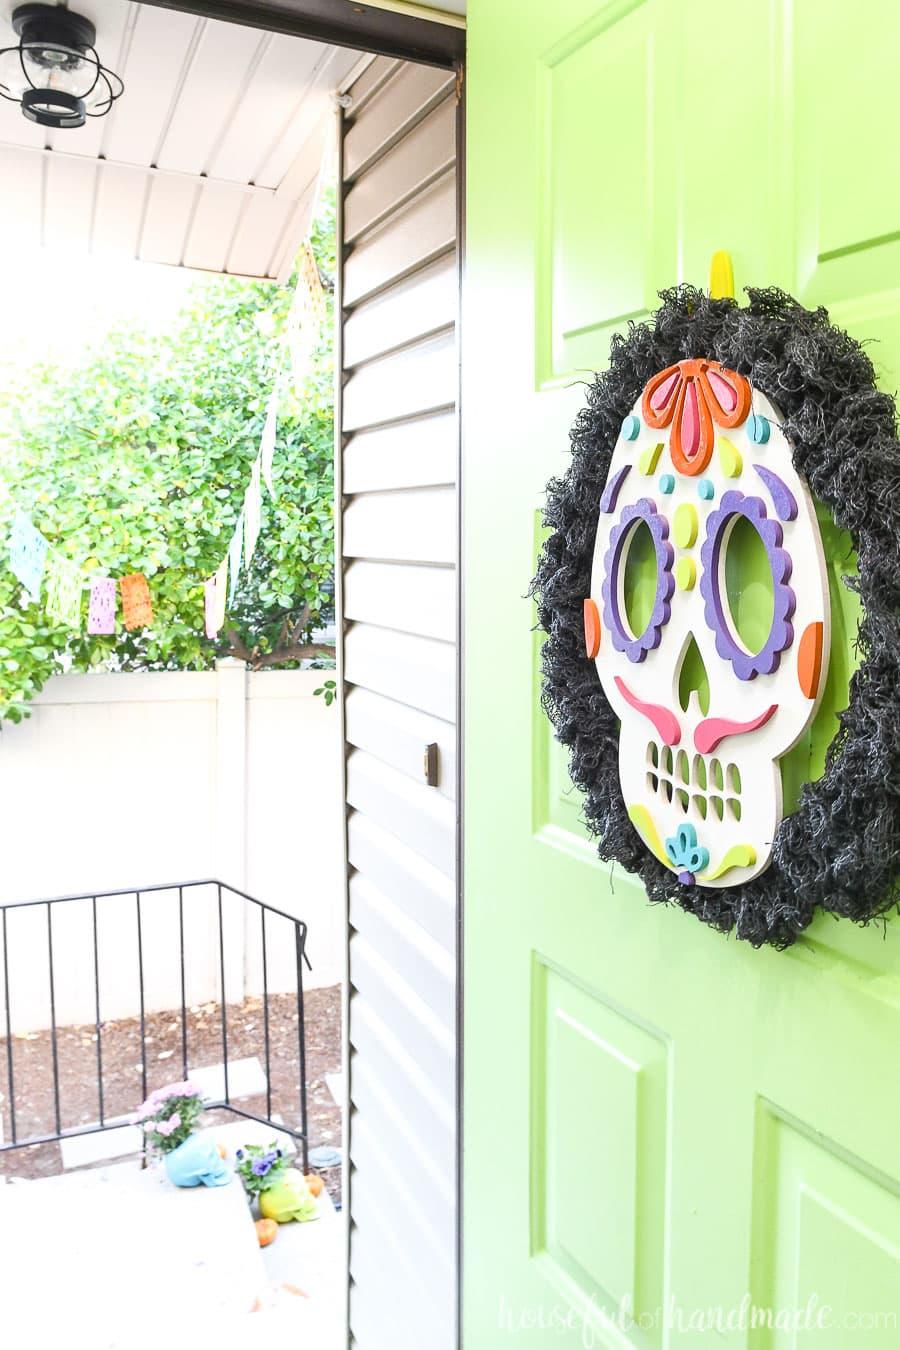 Front door open with sugar skulls wreath hanging on it.